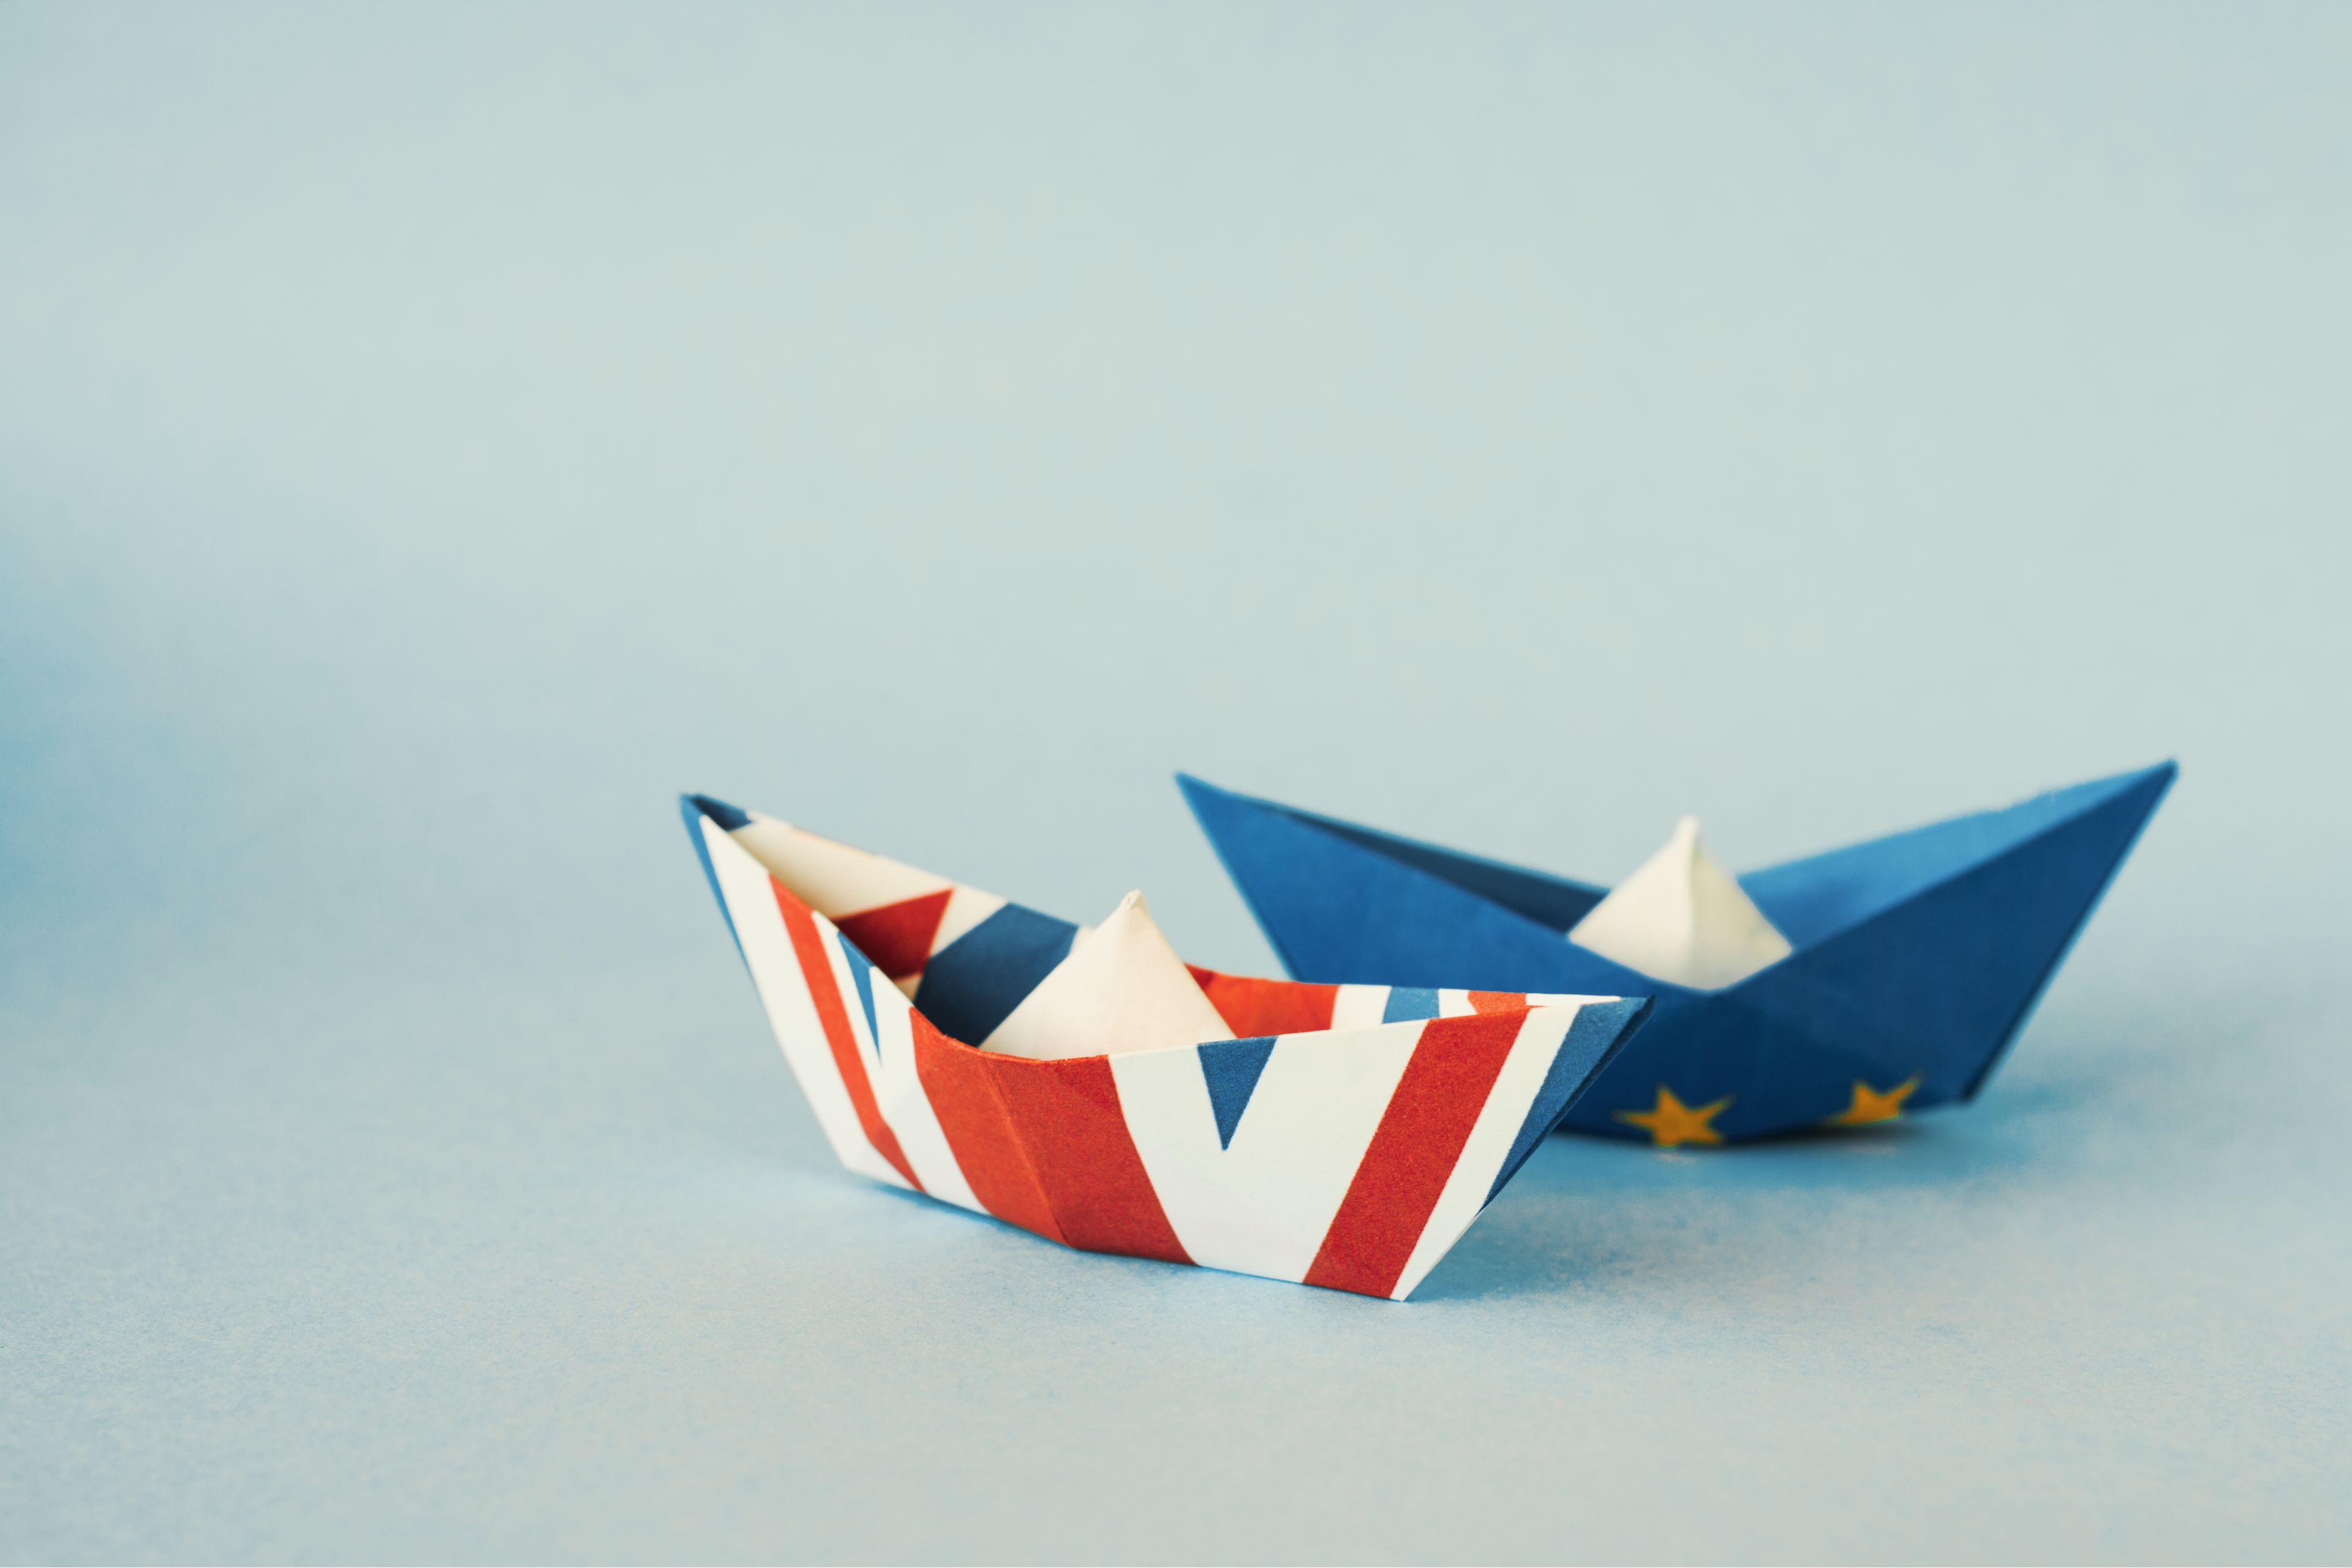 Lhůta pro podání žádosti o vrácení DPH ze Spojeného království již brzy uplyne